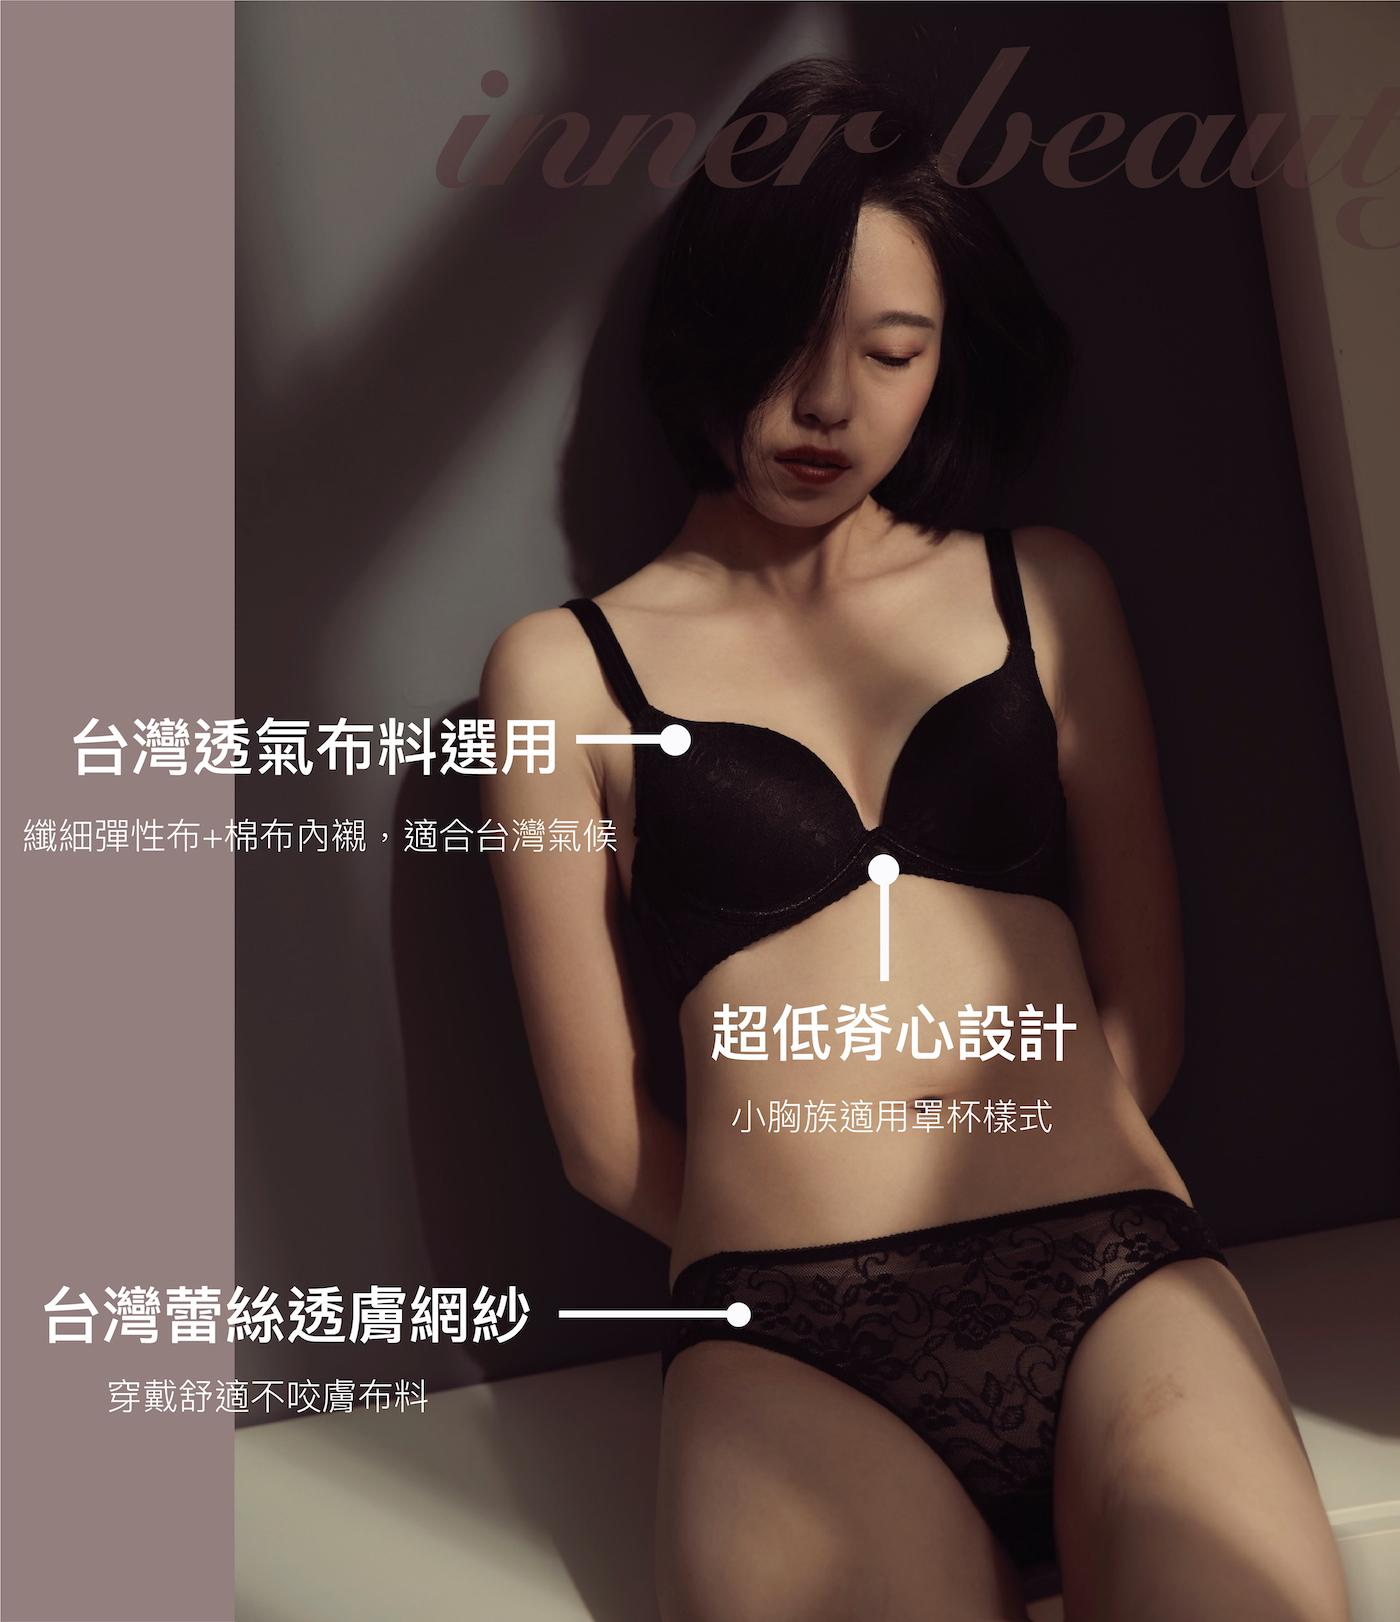 DEARYOU・歐美低調黑蕾絲款介紹